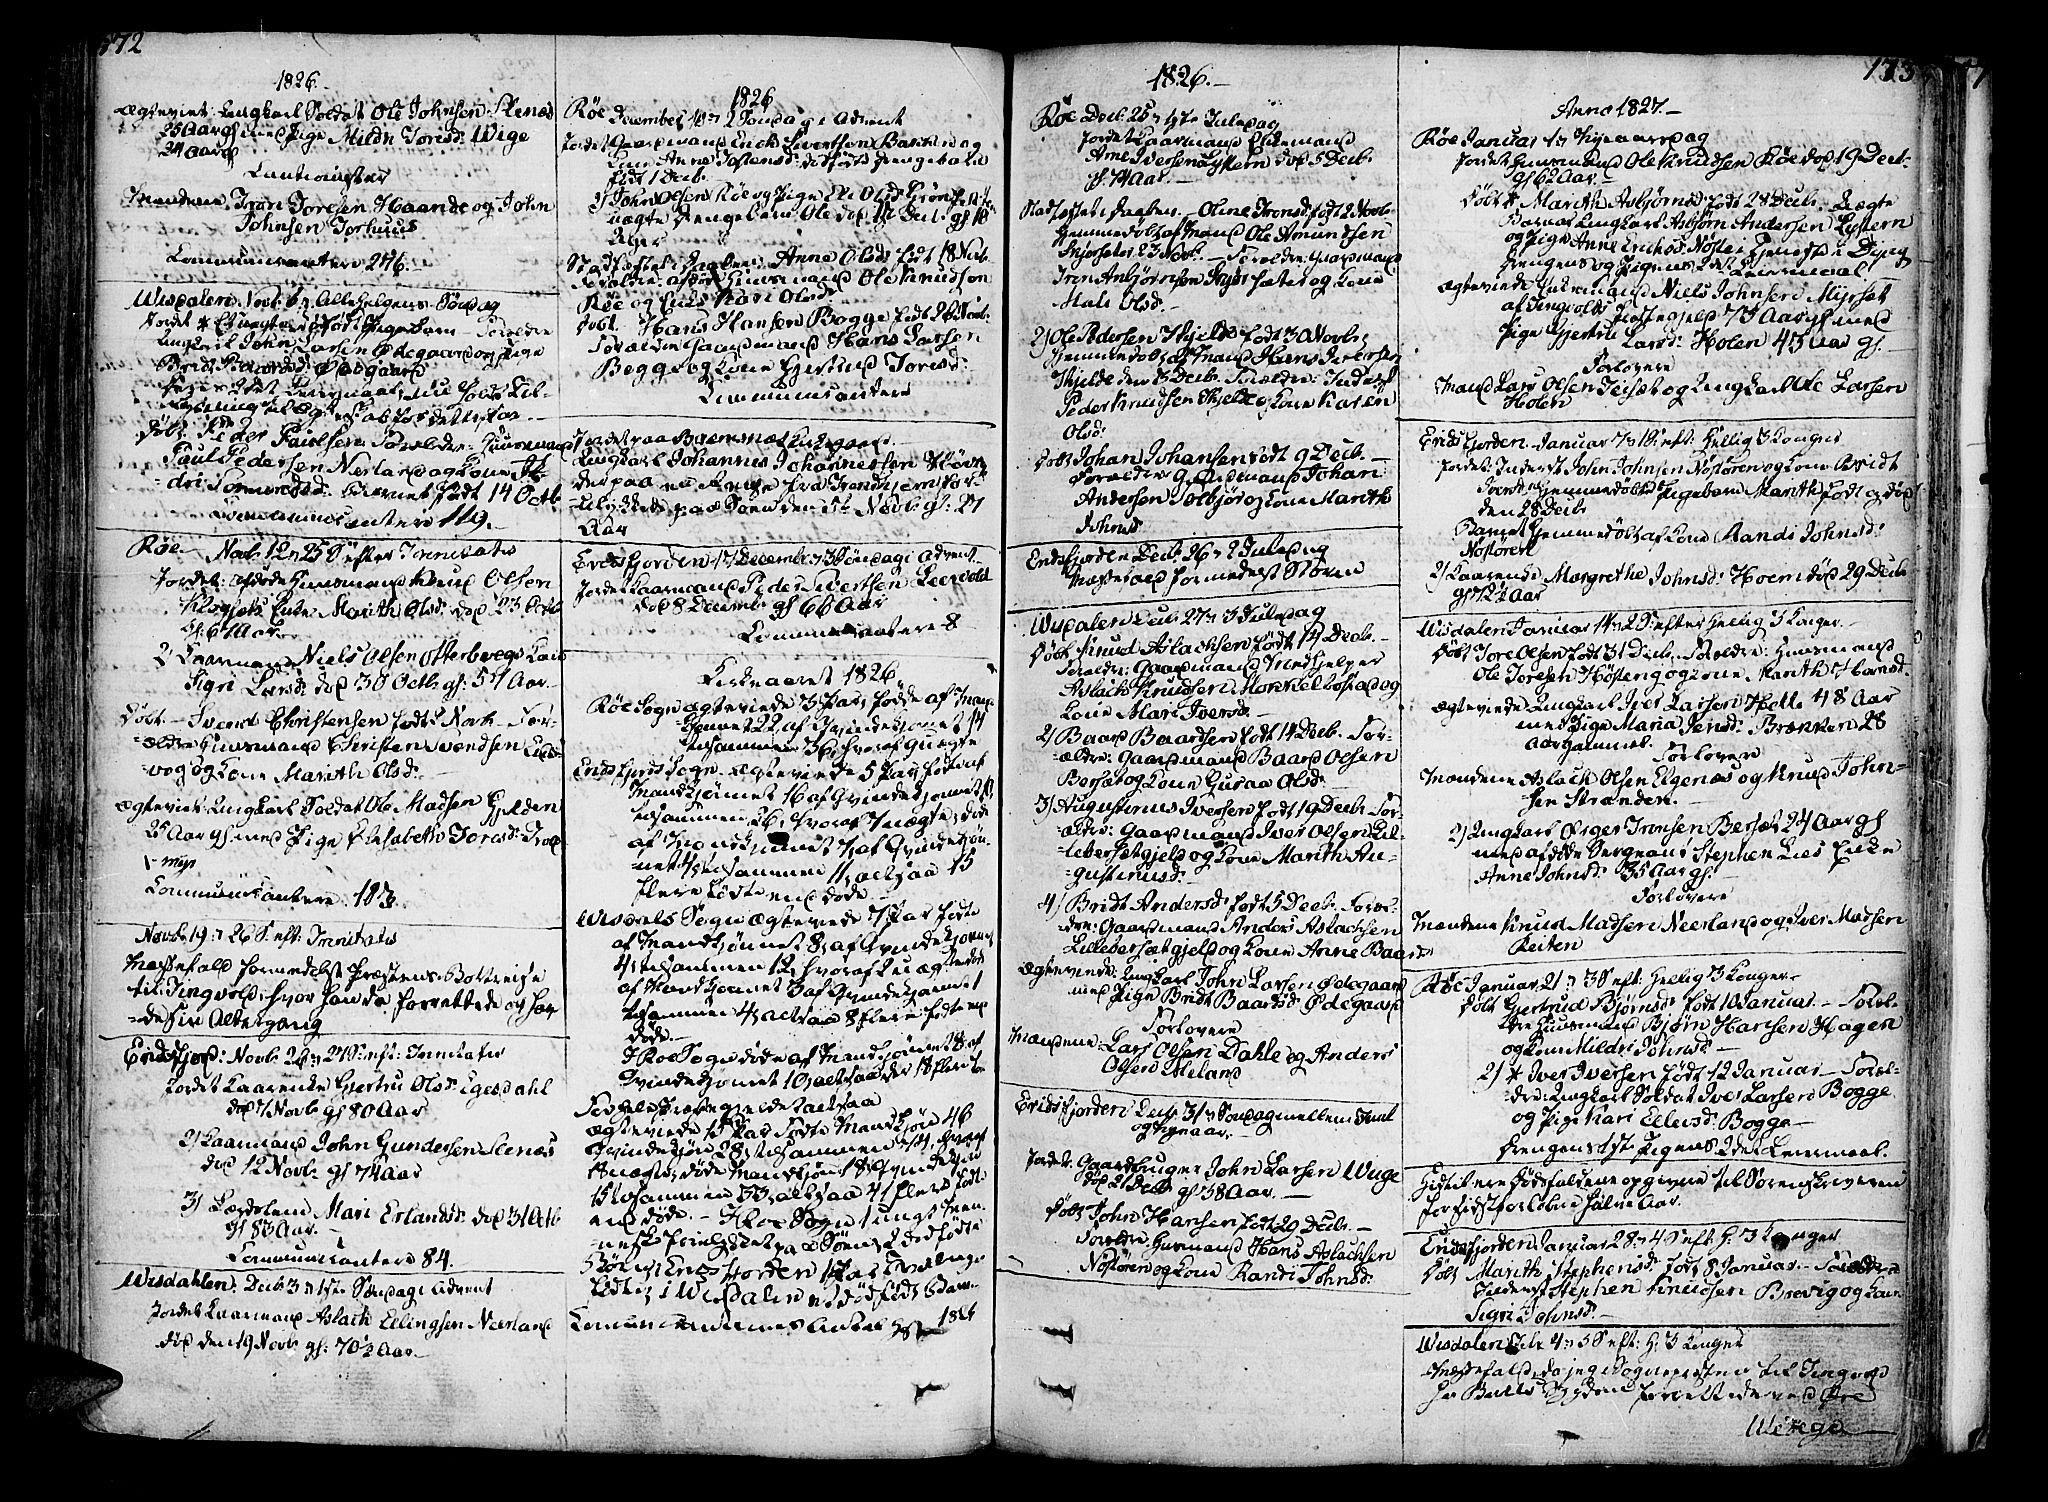 SAT, Ministerialprotokoller, klokkerbøker og fødselsregistre - Møre og Romsdal, 551/L0622: Ministerialbok nr. 551A02, 1804-1845, s. 172-173